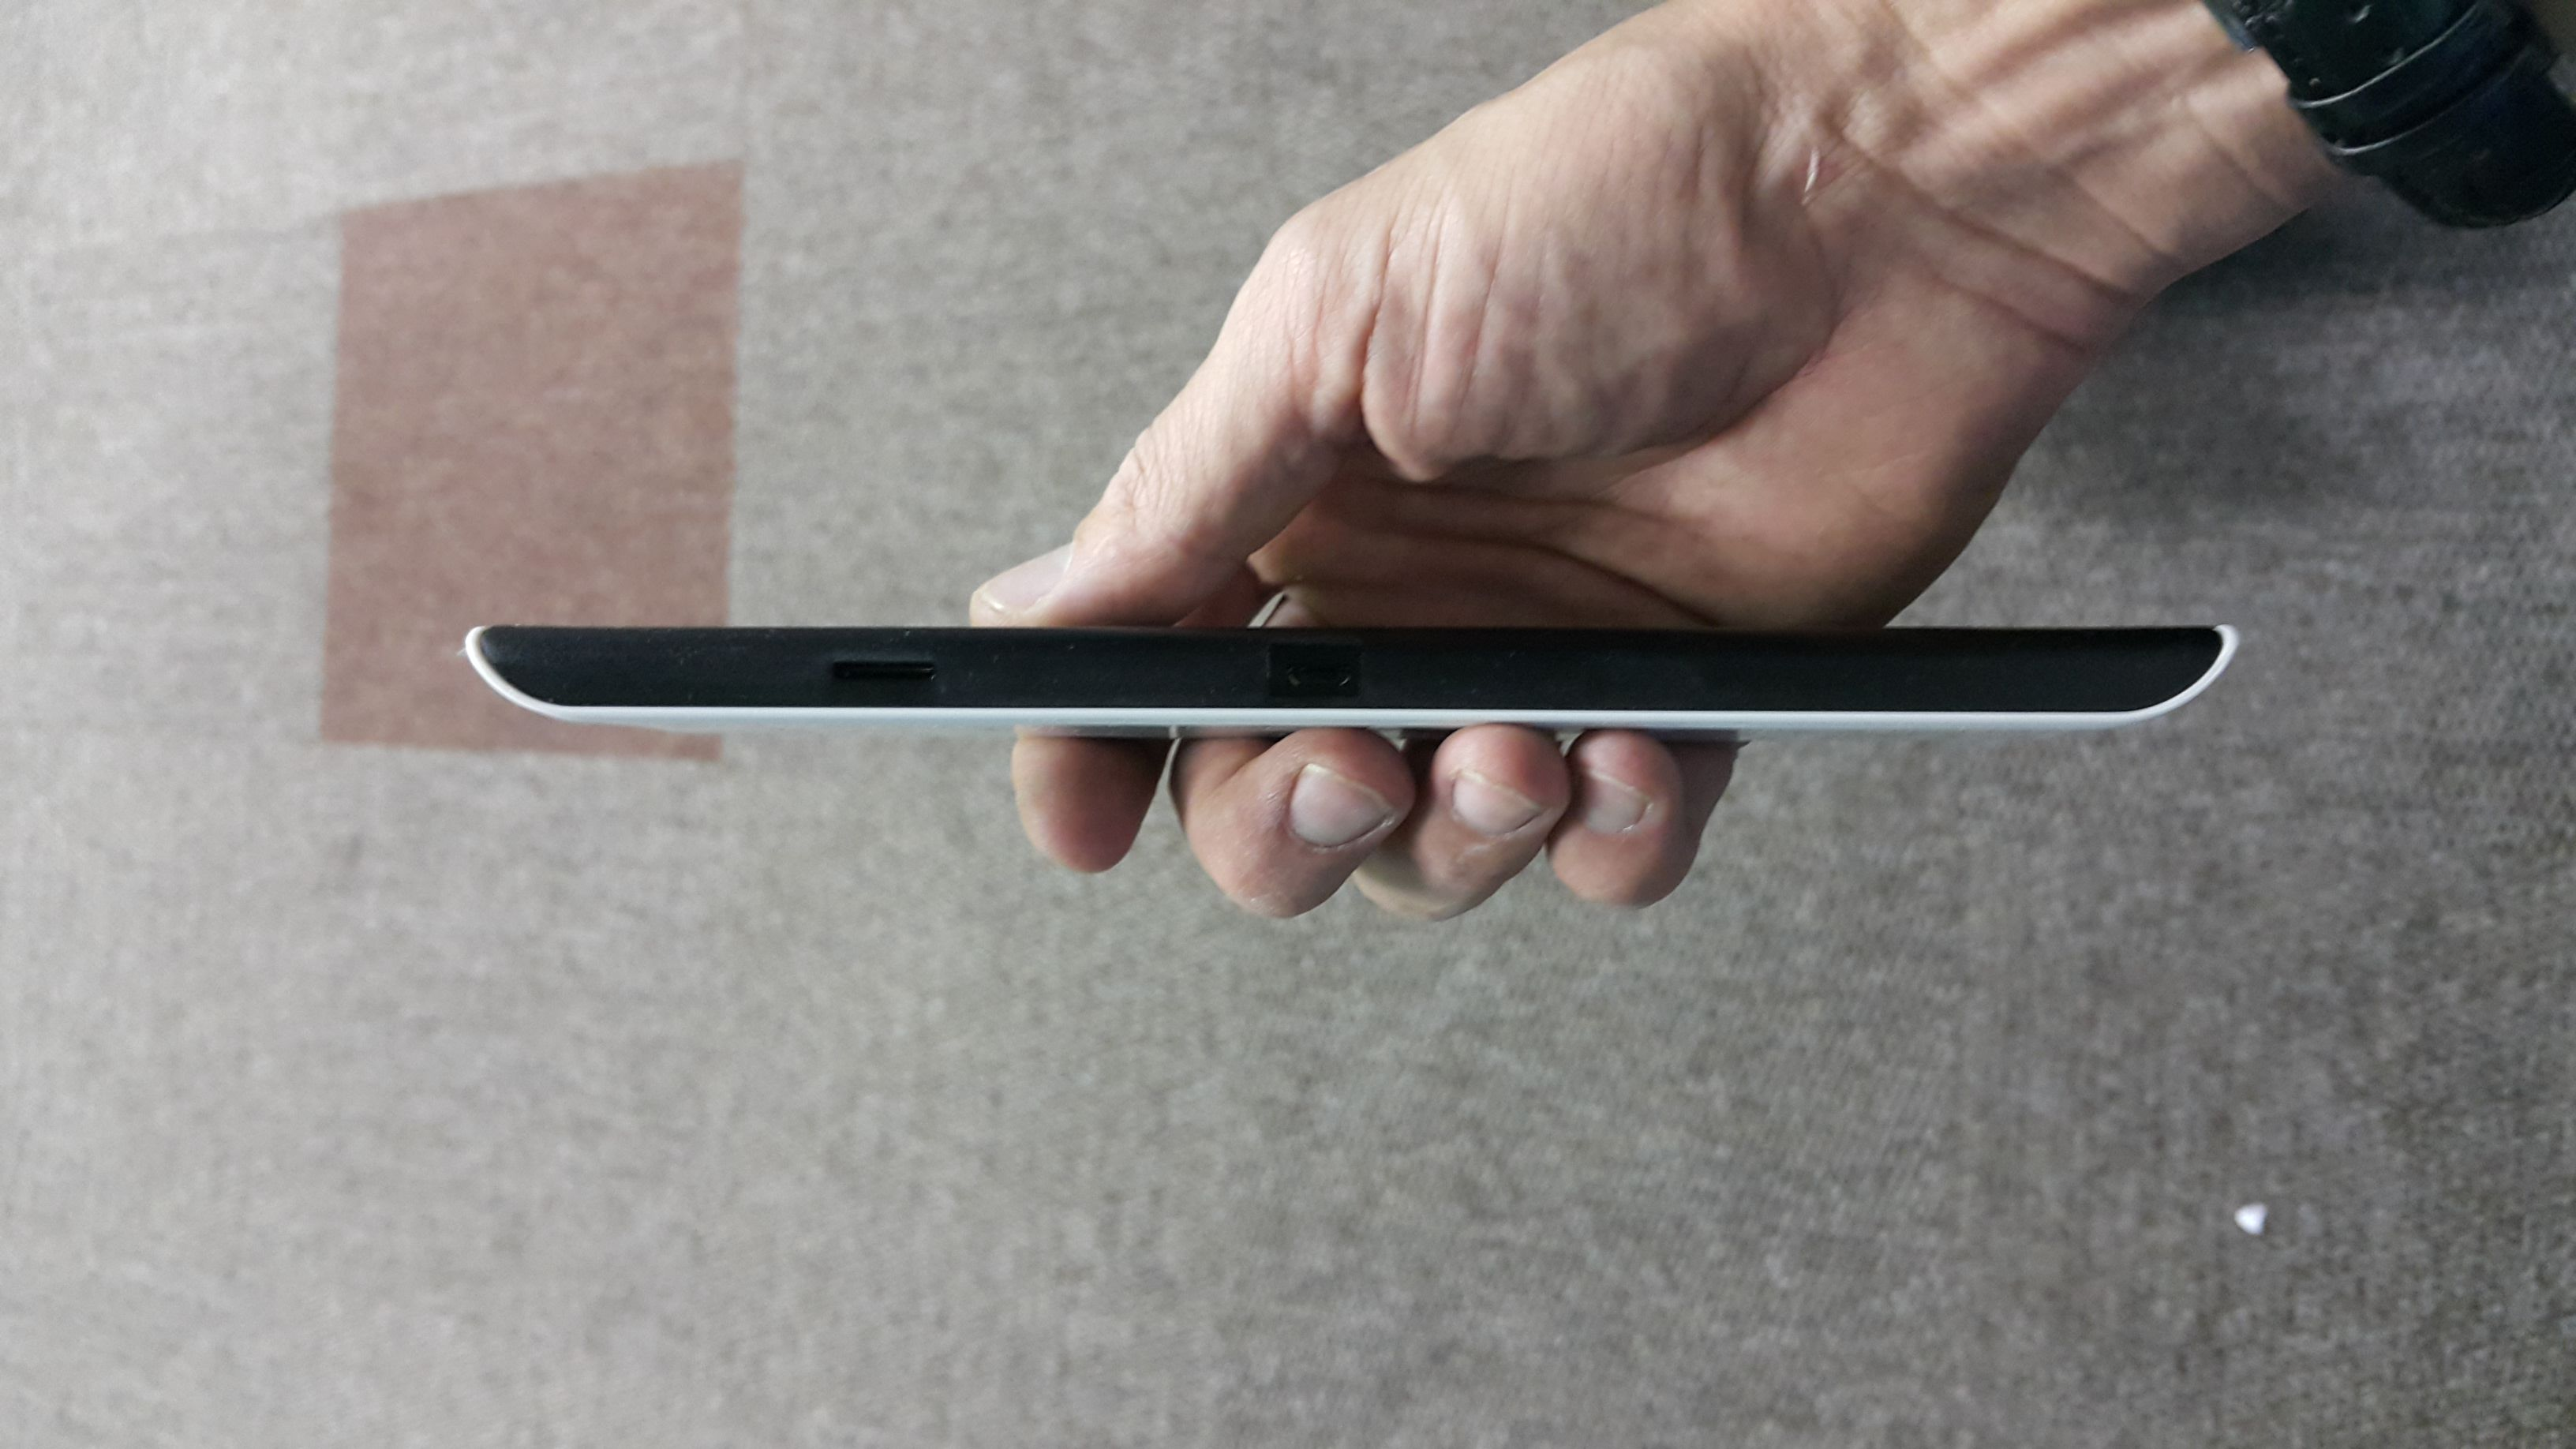 definitive portable interactive